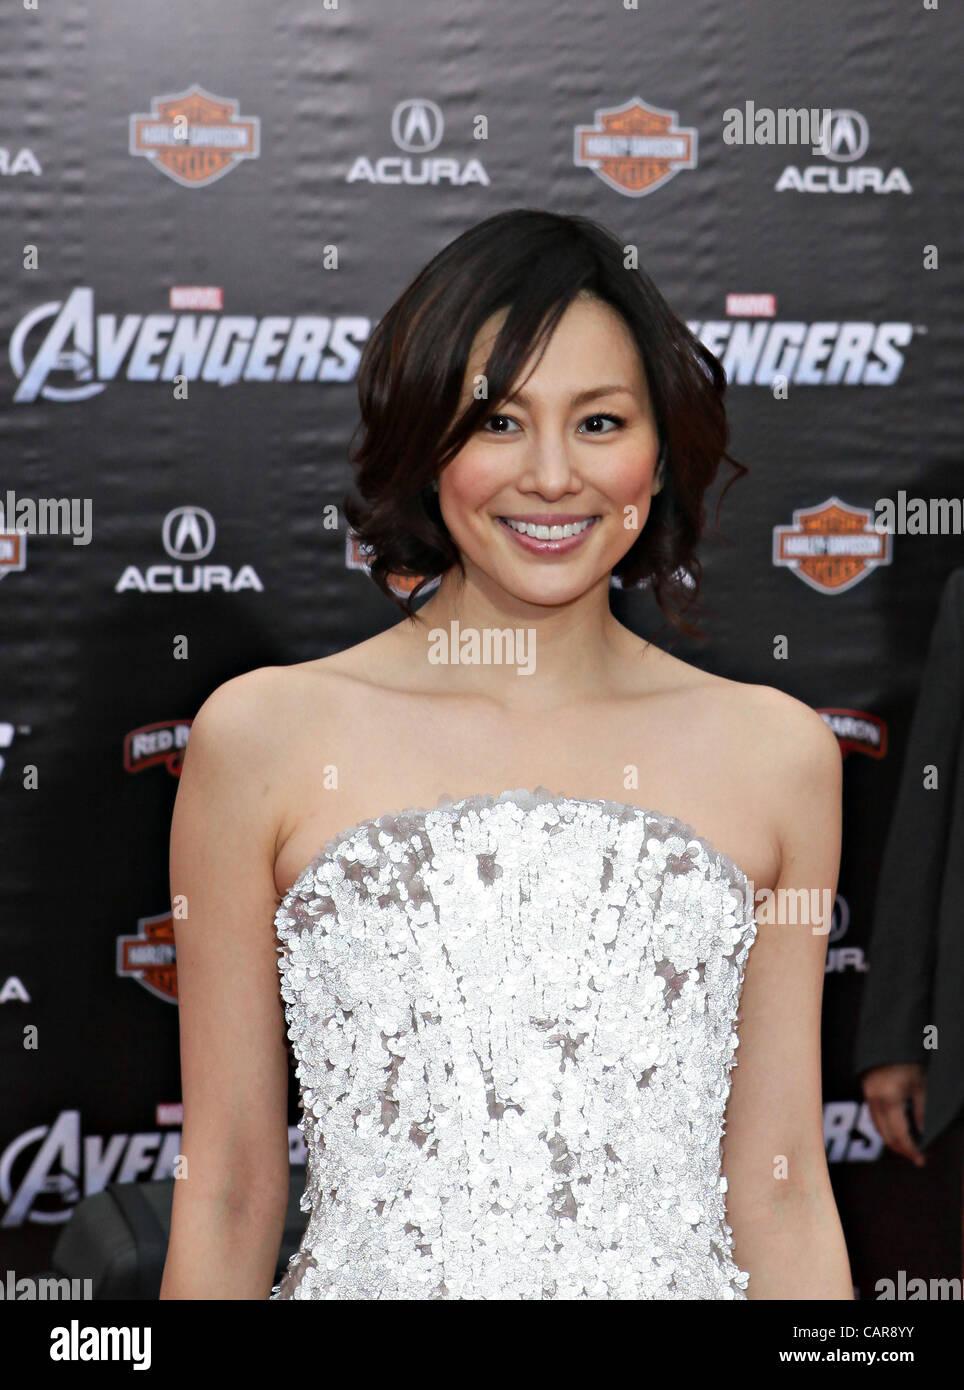 RYOKO YONEKURA attends The Avengers Movie Premiere - Stock Image